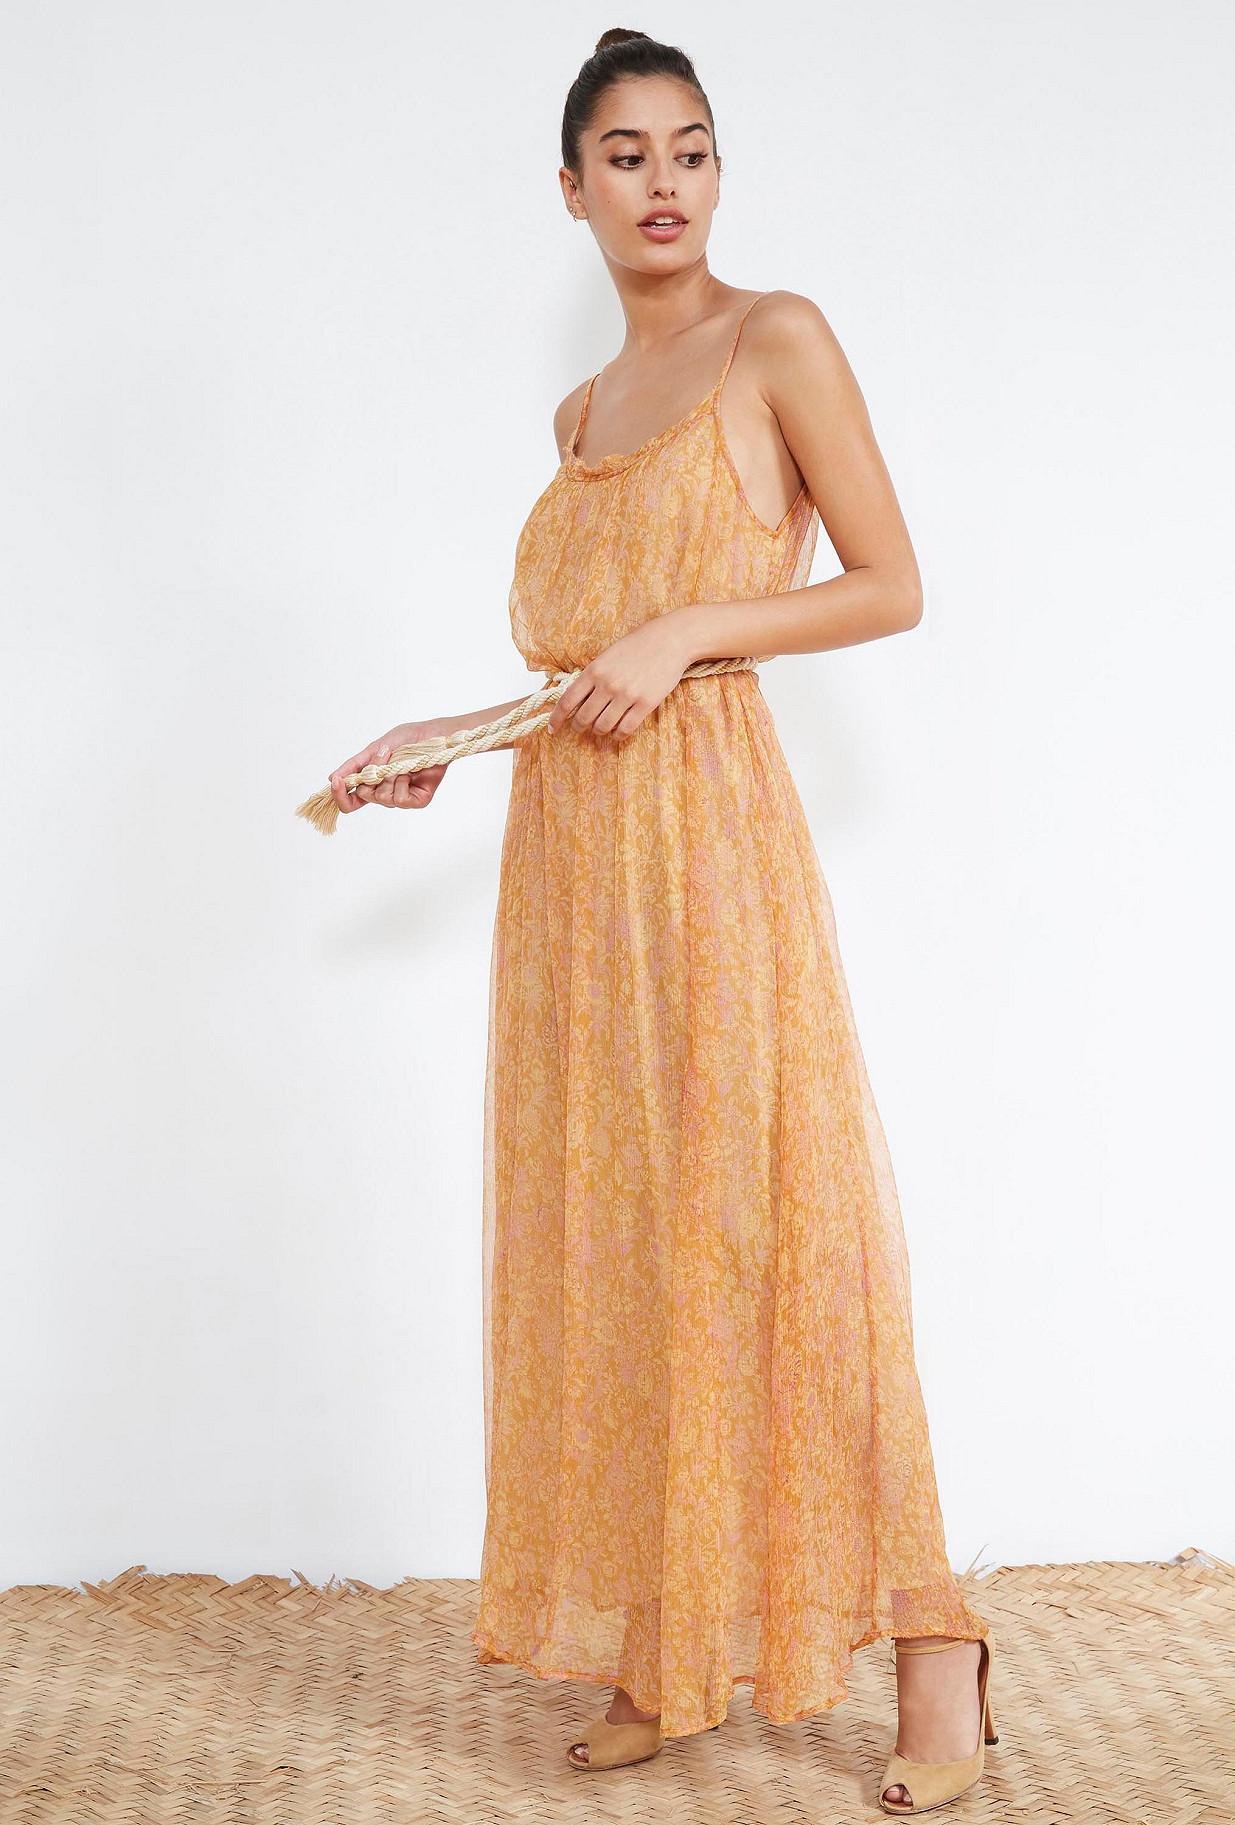 Floral print  DRESS  Abigail Mes demoiselles fashion clothes designer Paris